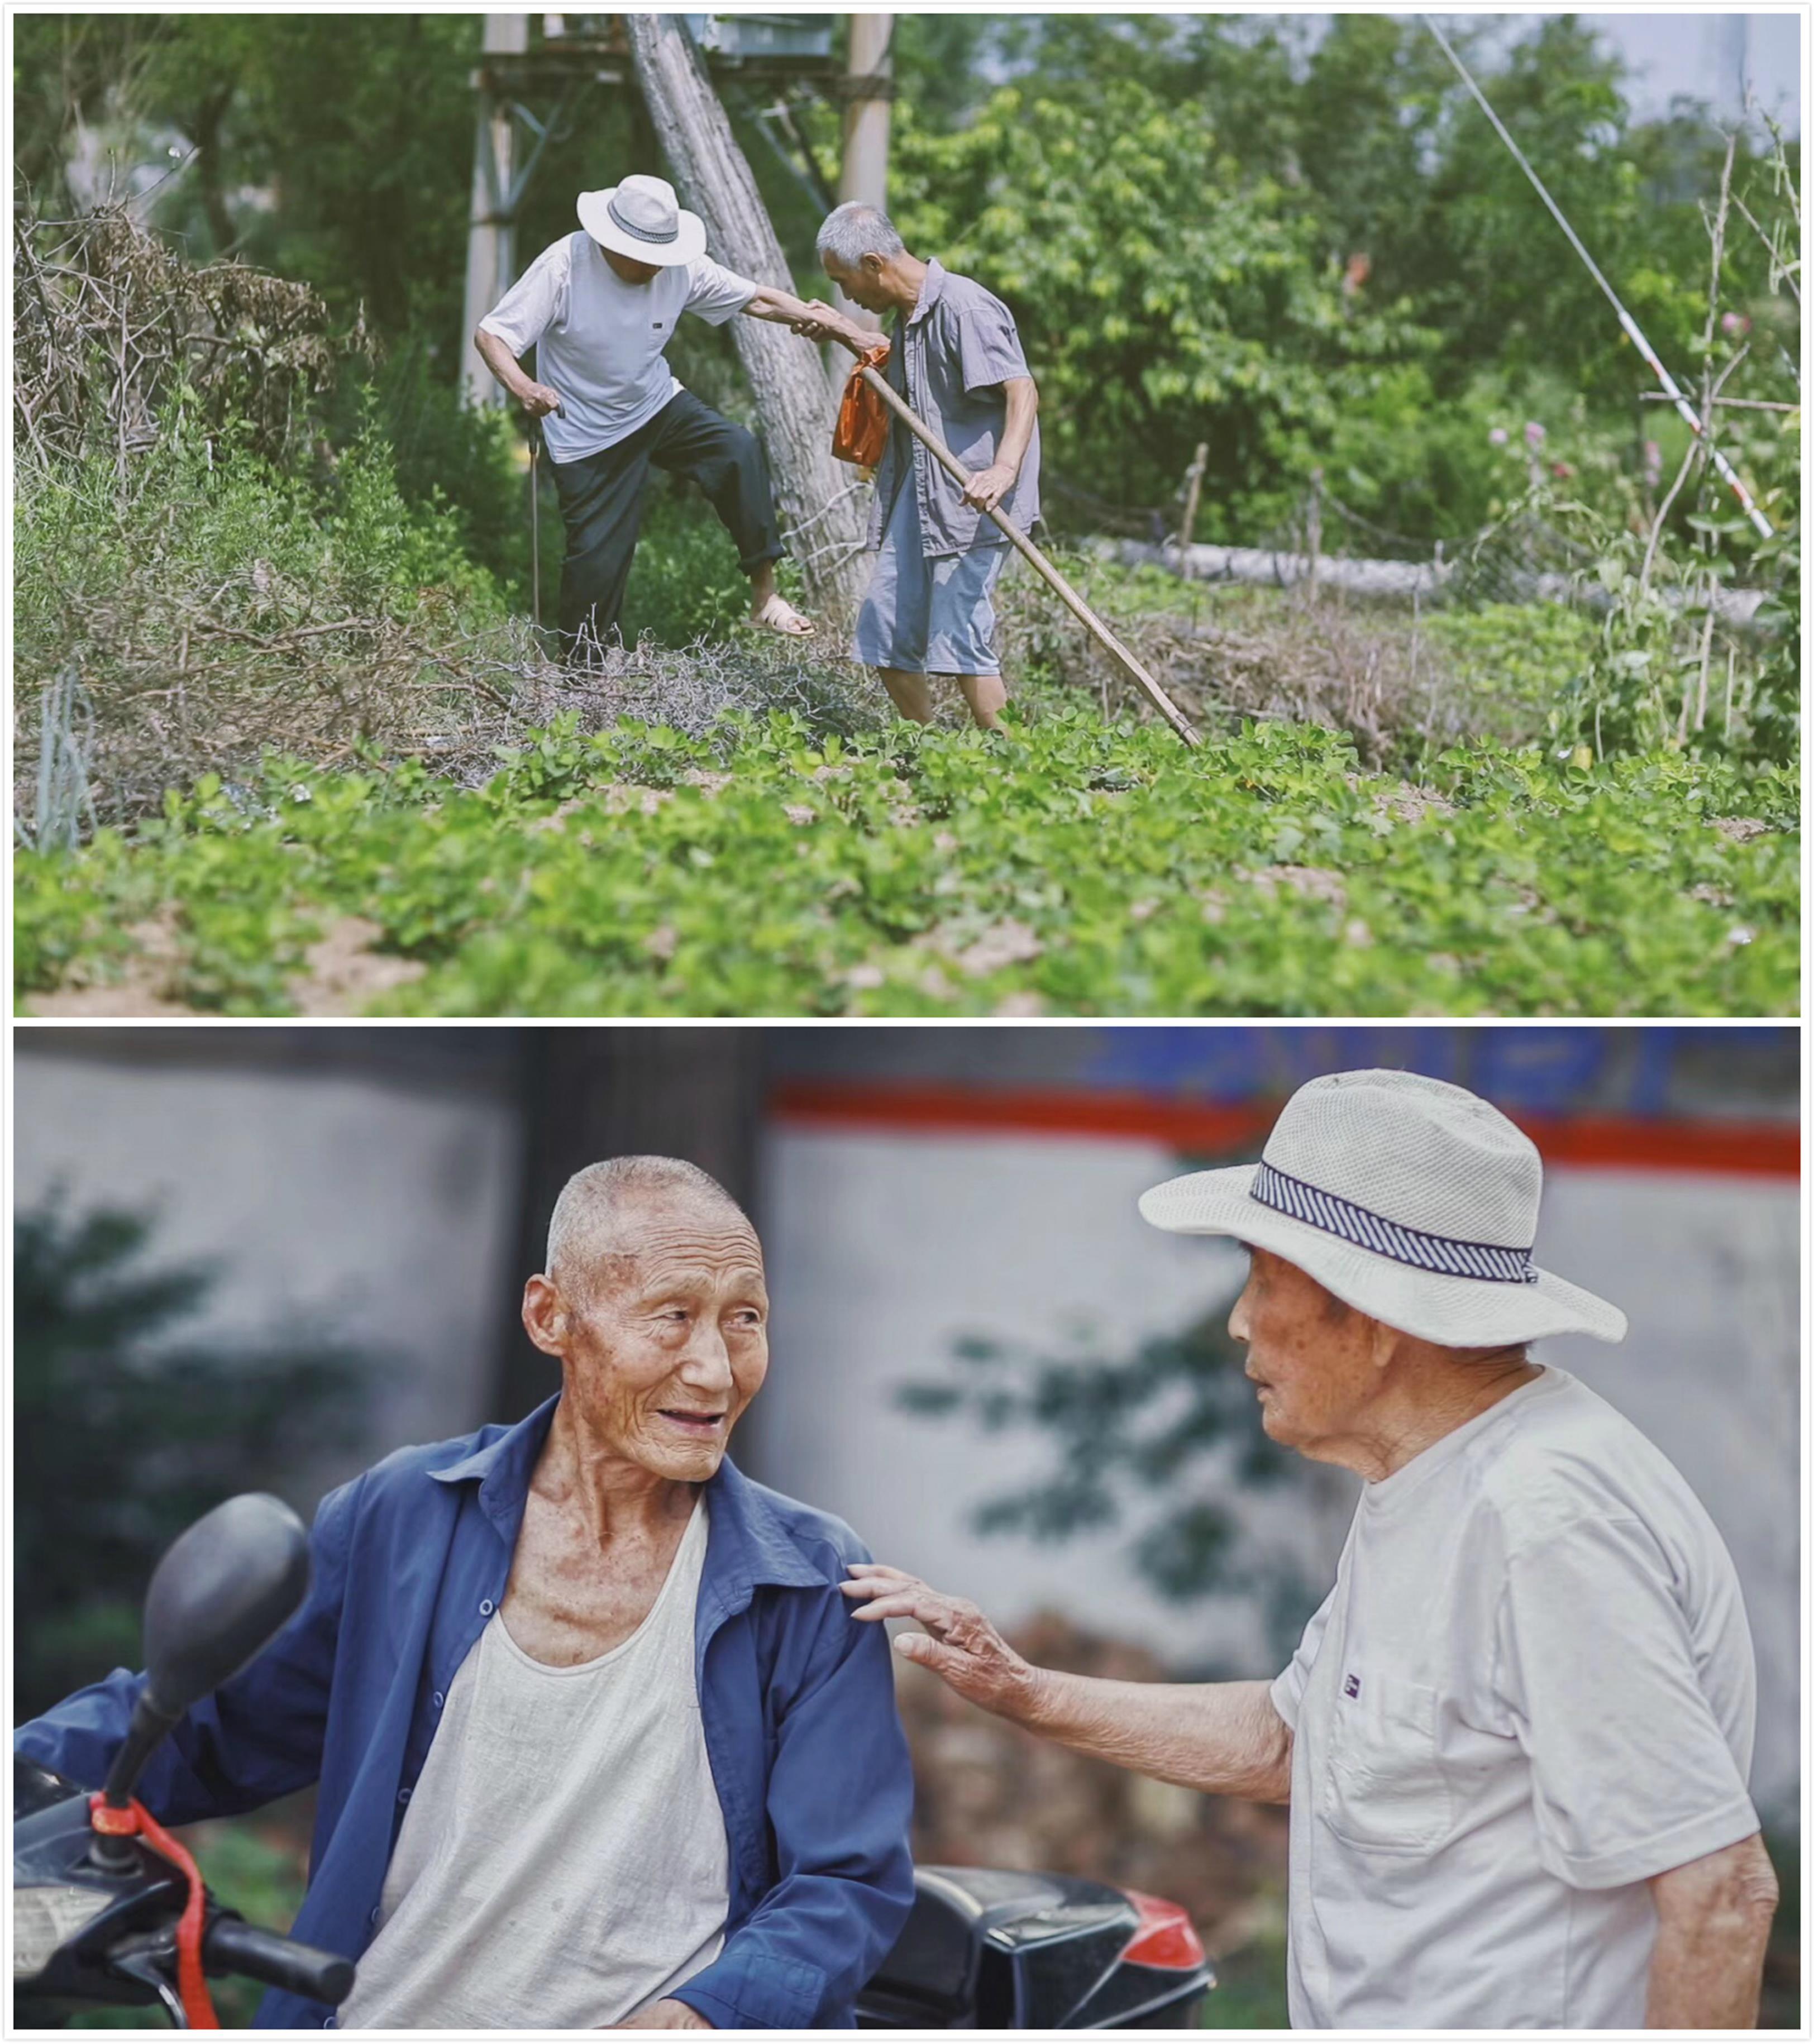 《梦想改造家》开播 15天极限改造高龄老兵之家